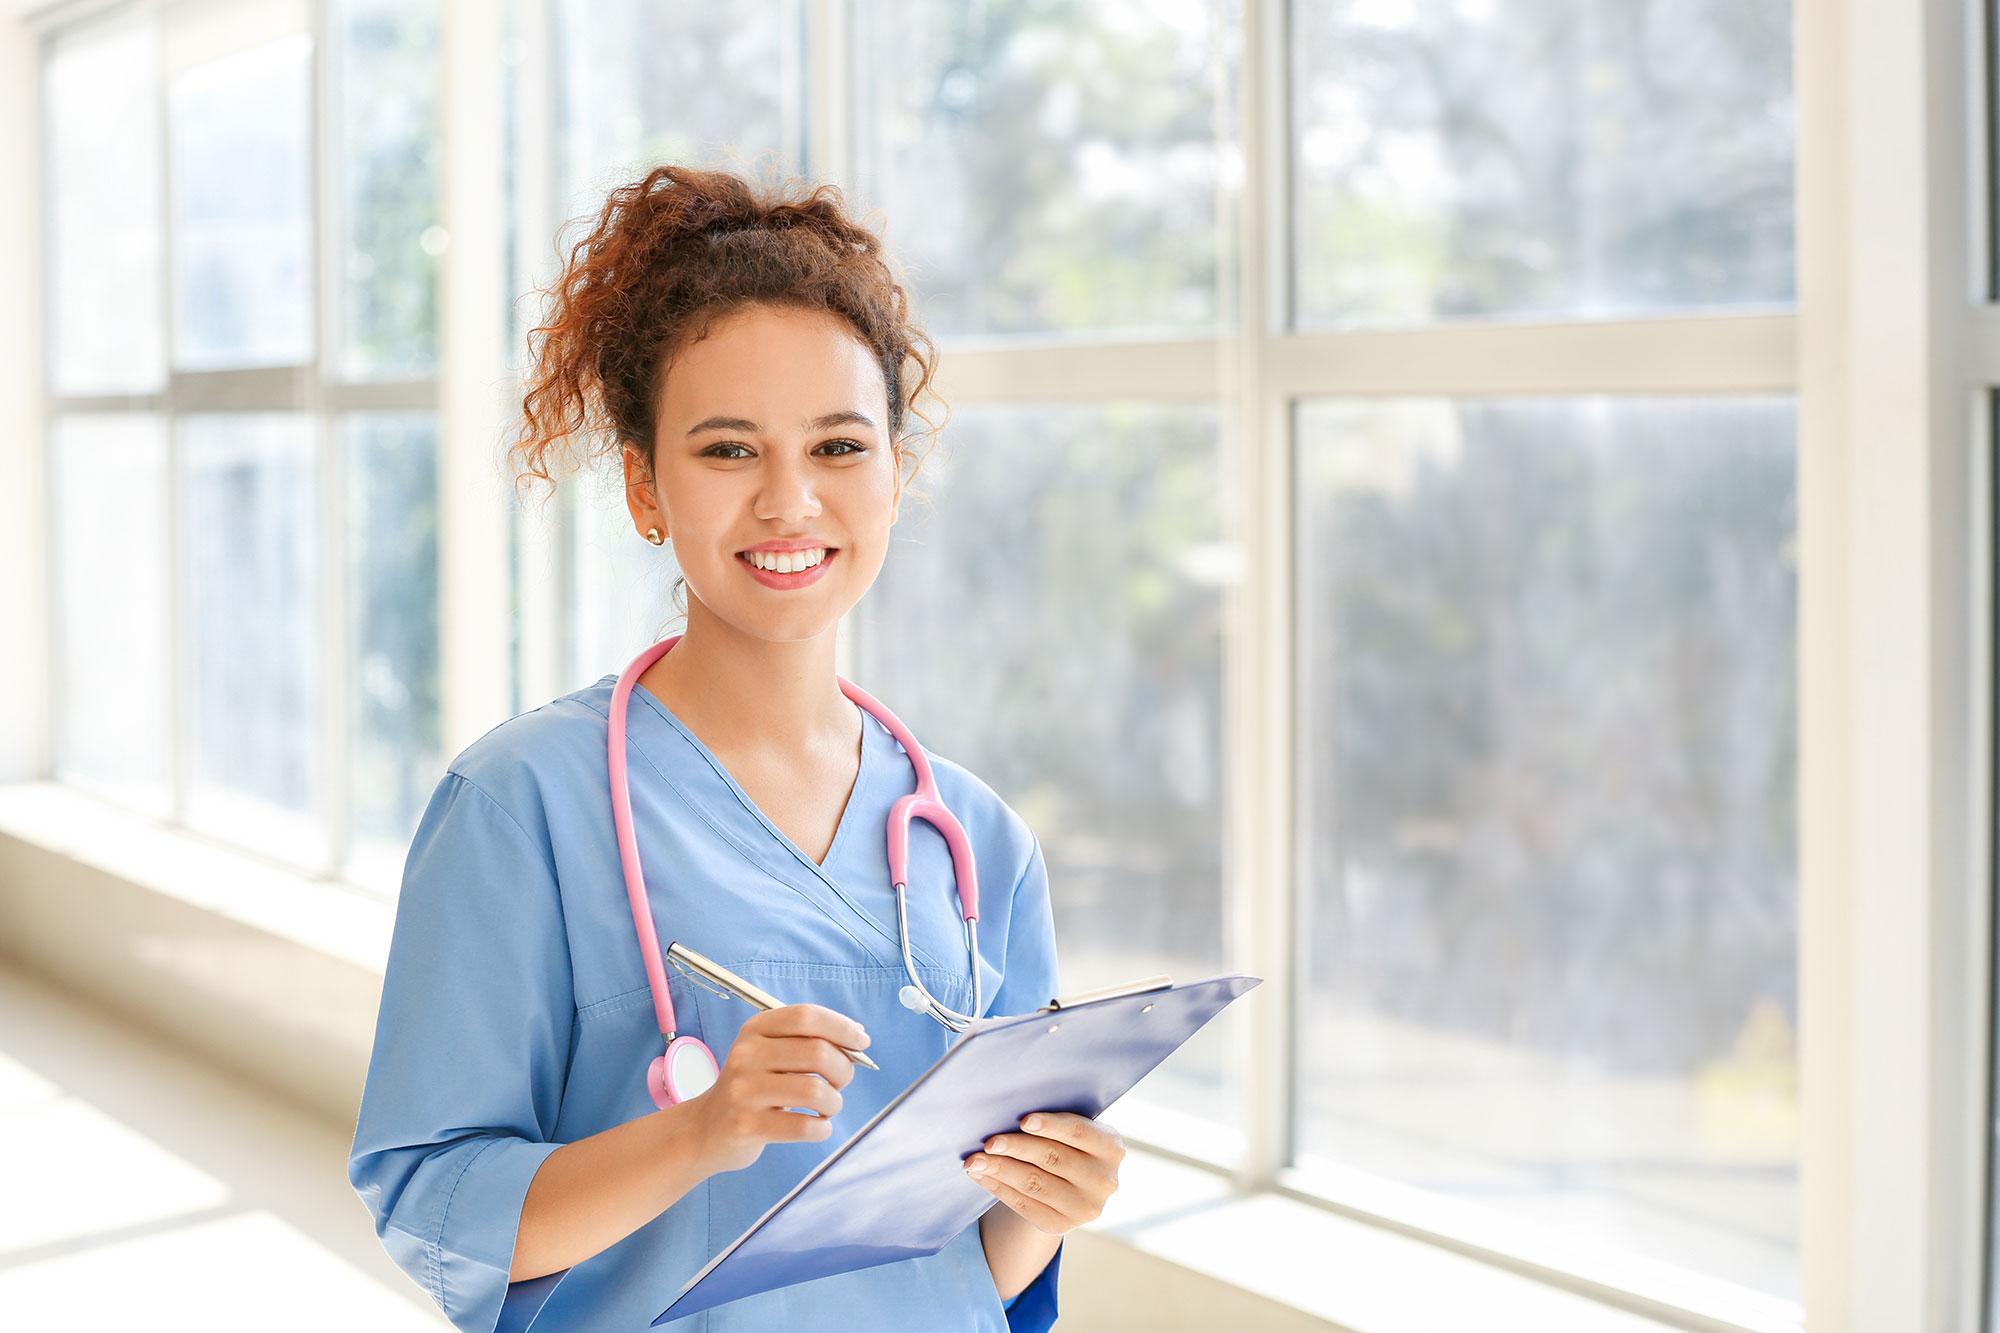 Continuing Education Hero Image - Female Nurse with Stethoscope - Swedish Institute - New York, NY